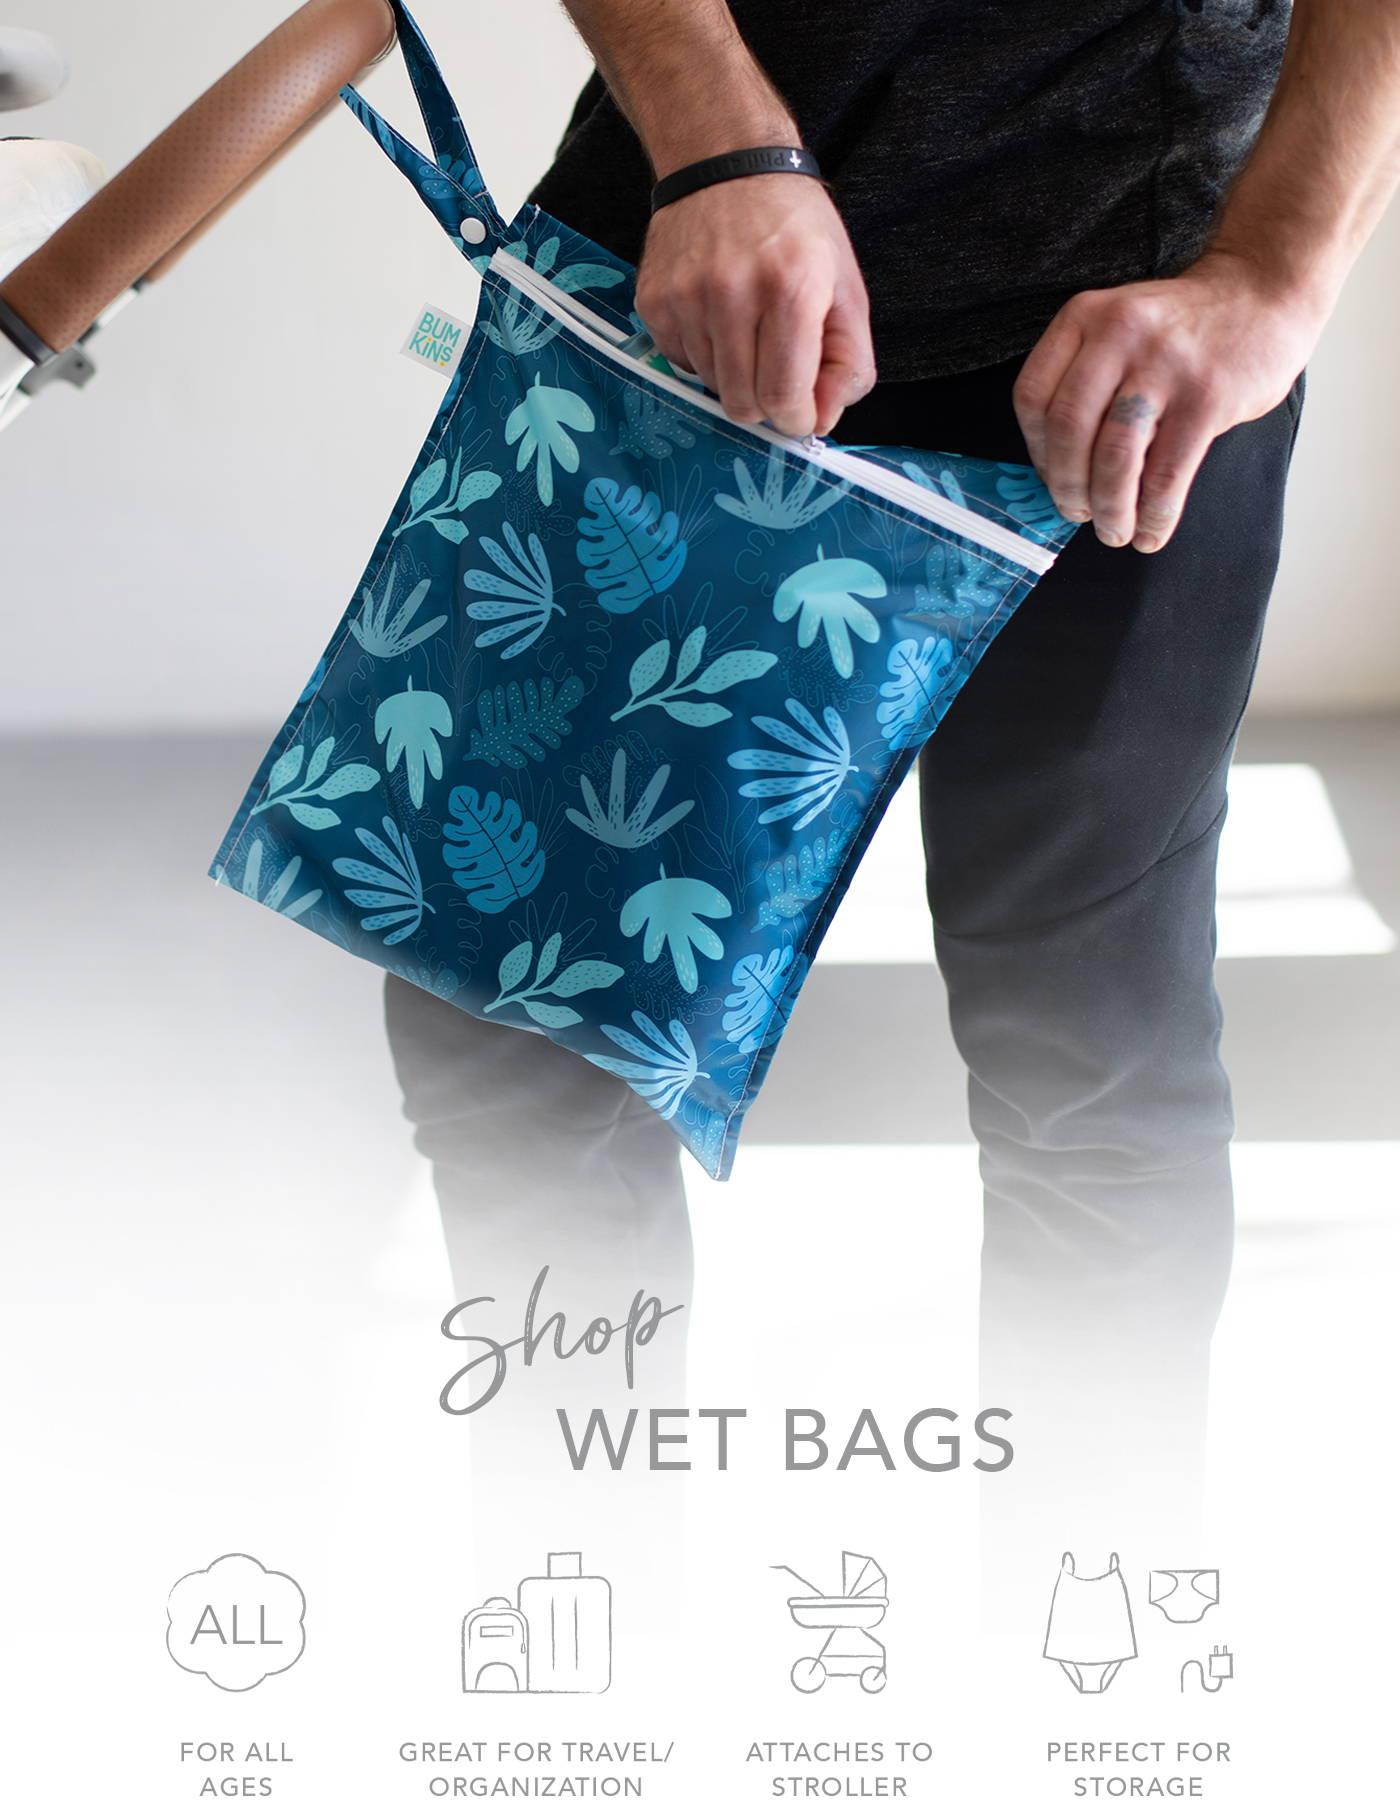 Diaper Bag Menstraul Pad Bag Wet Bag Snack Bag Cloth Diaper Bag Bathing Suit Bag Cloth Pad Bag